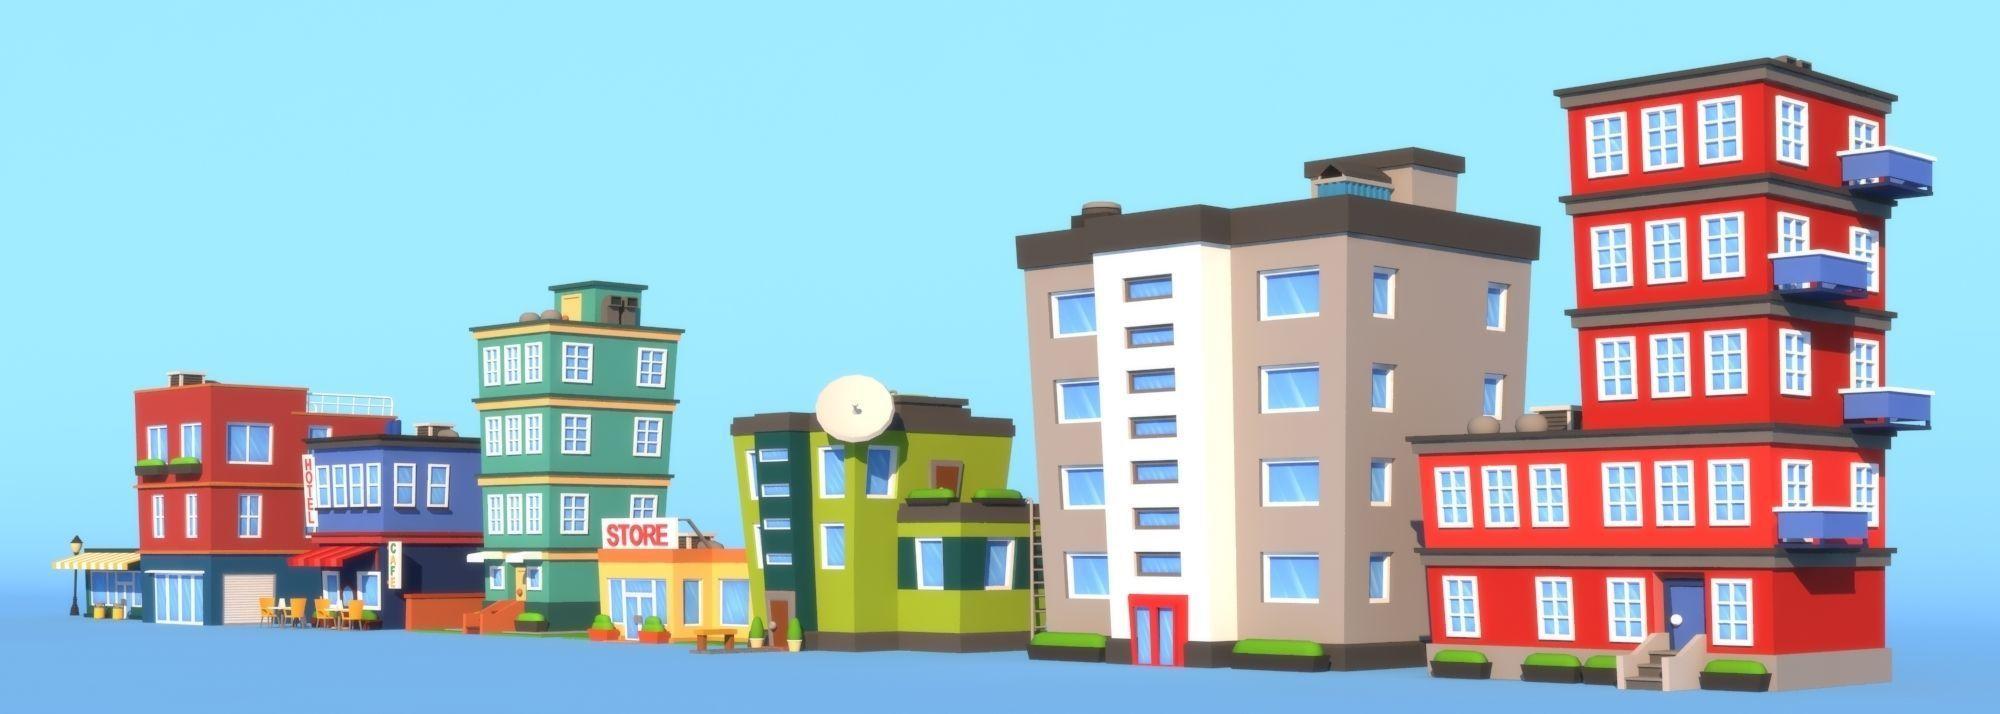 Cartoon Buildings Model Low Poly Max Obj Mtl Fbx